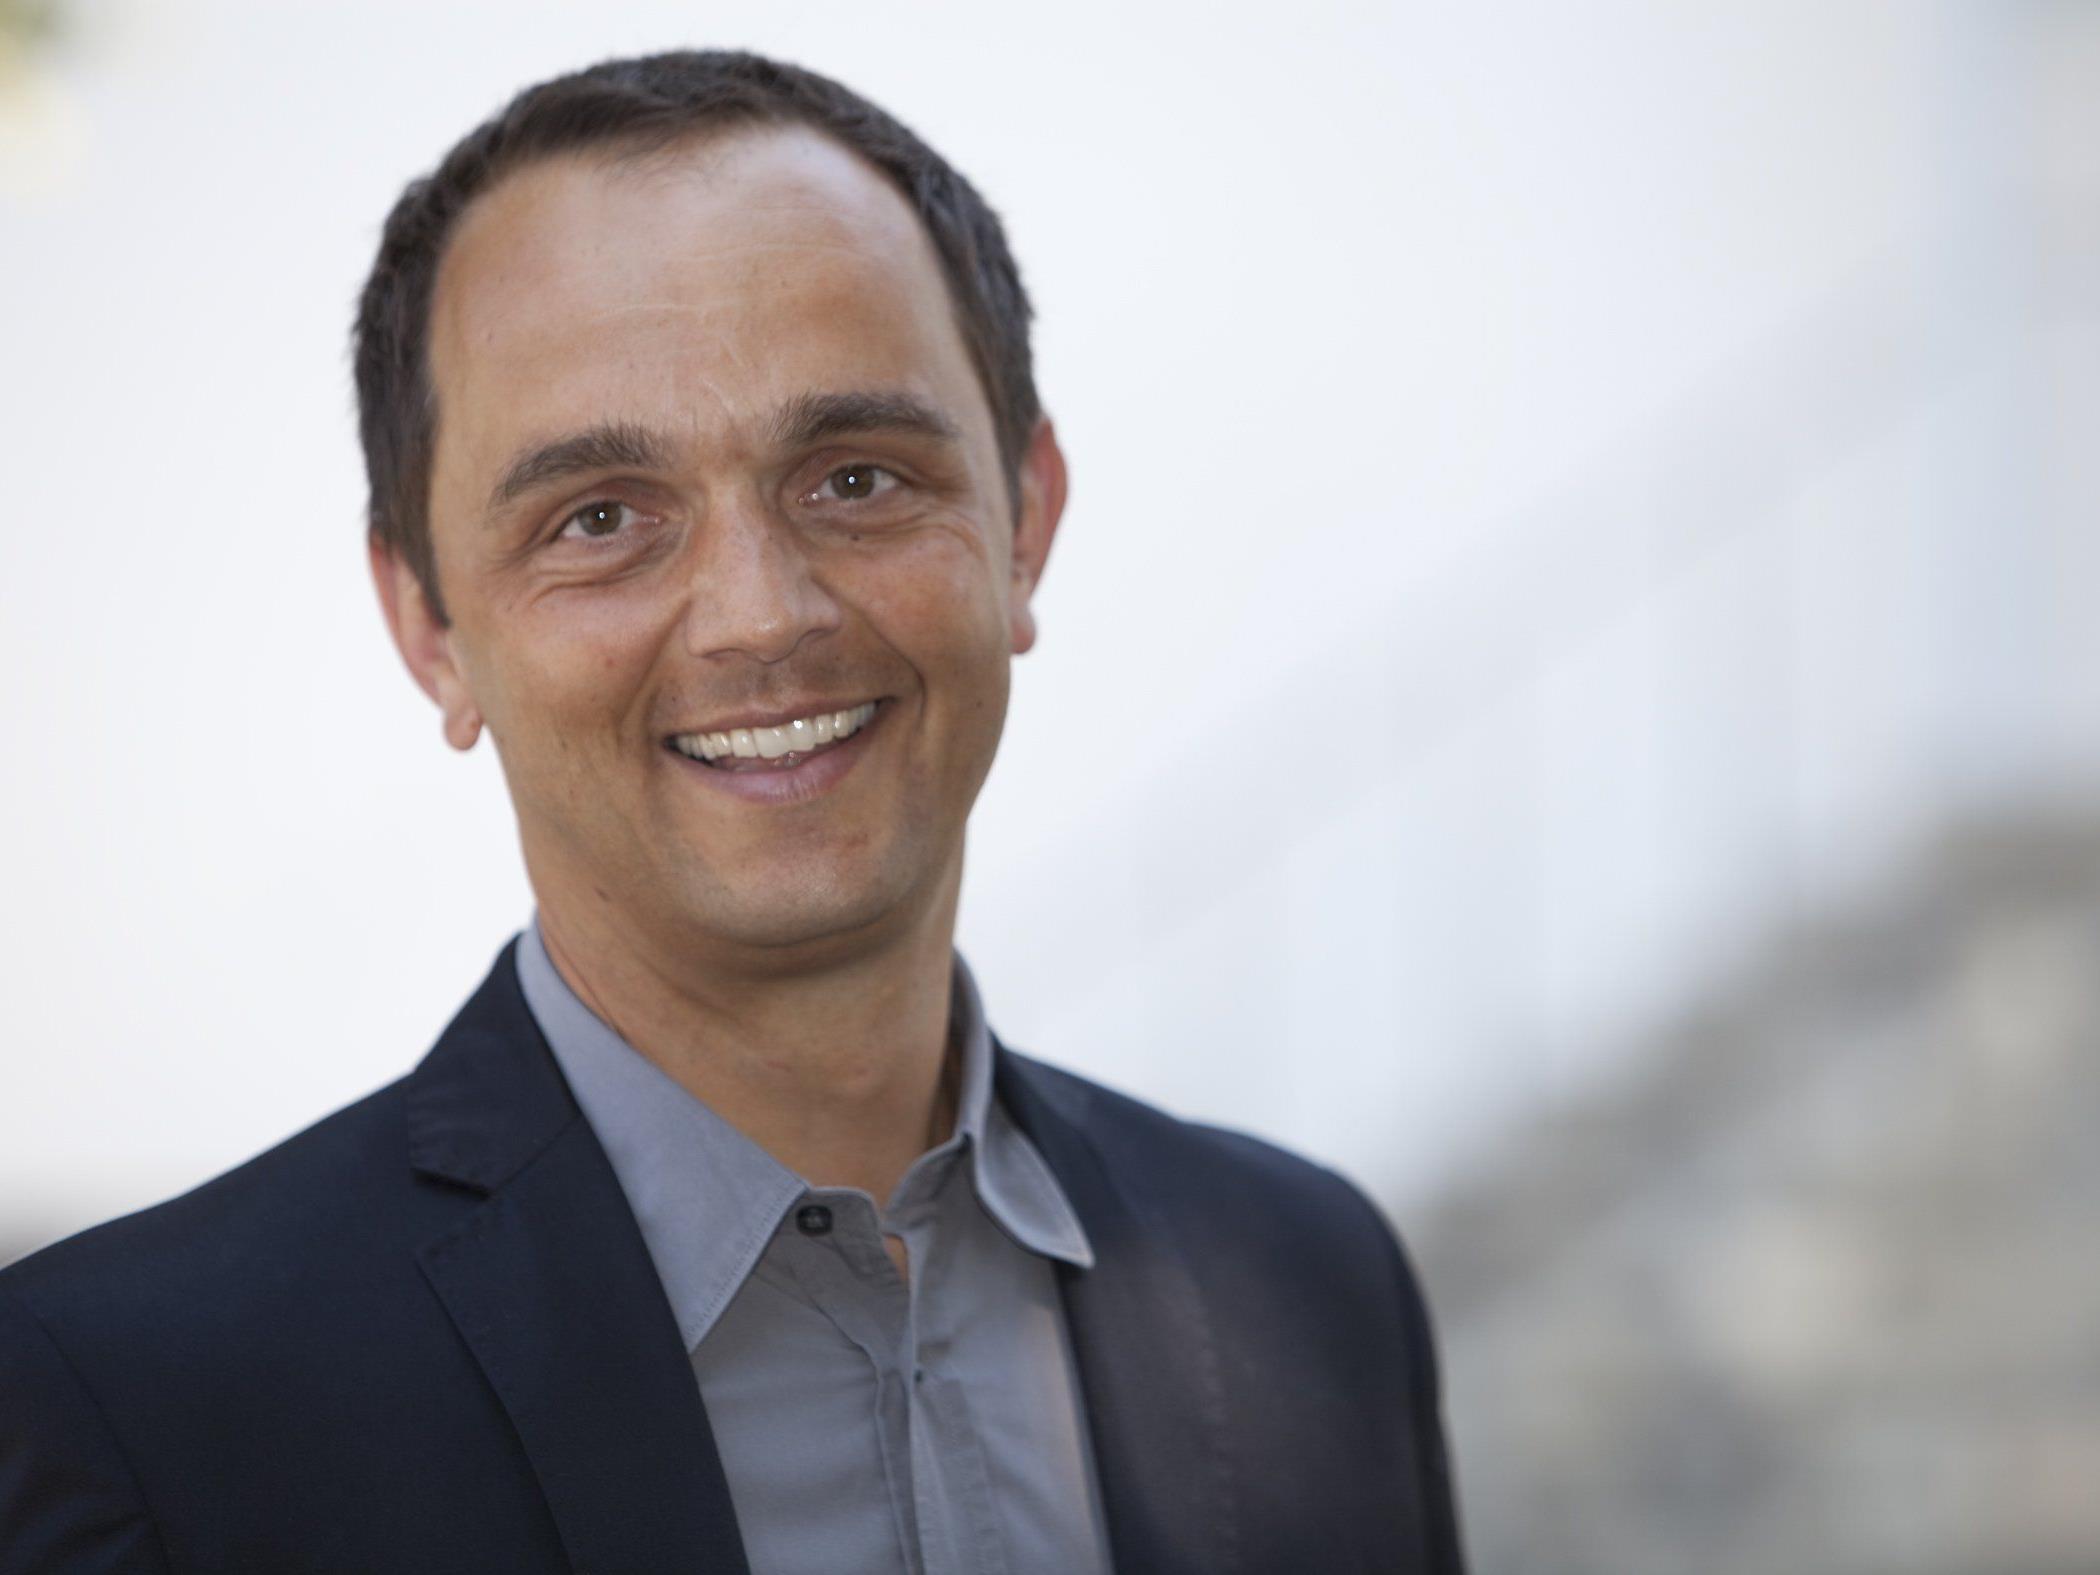 Illwerke Tourismus erweitert mit Hannes Jochum die Geschäftsführung